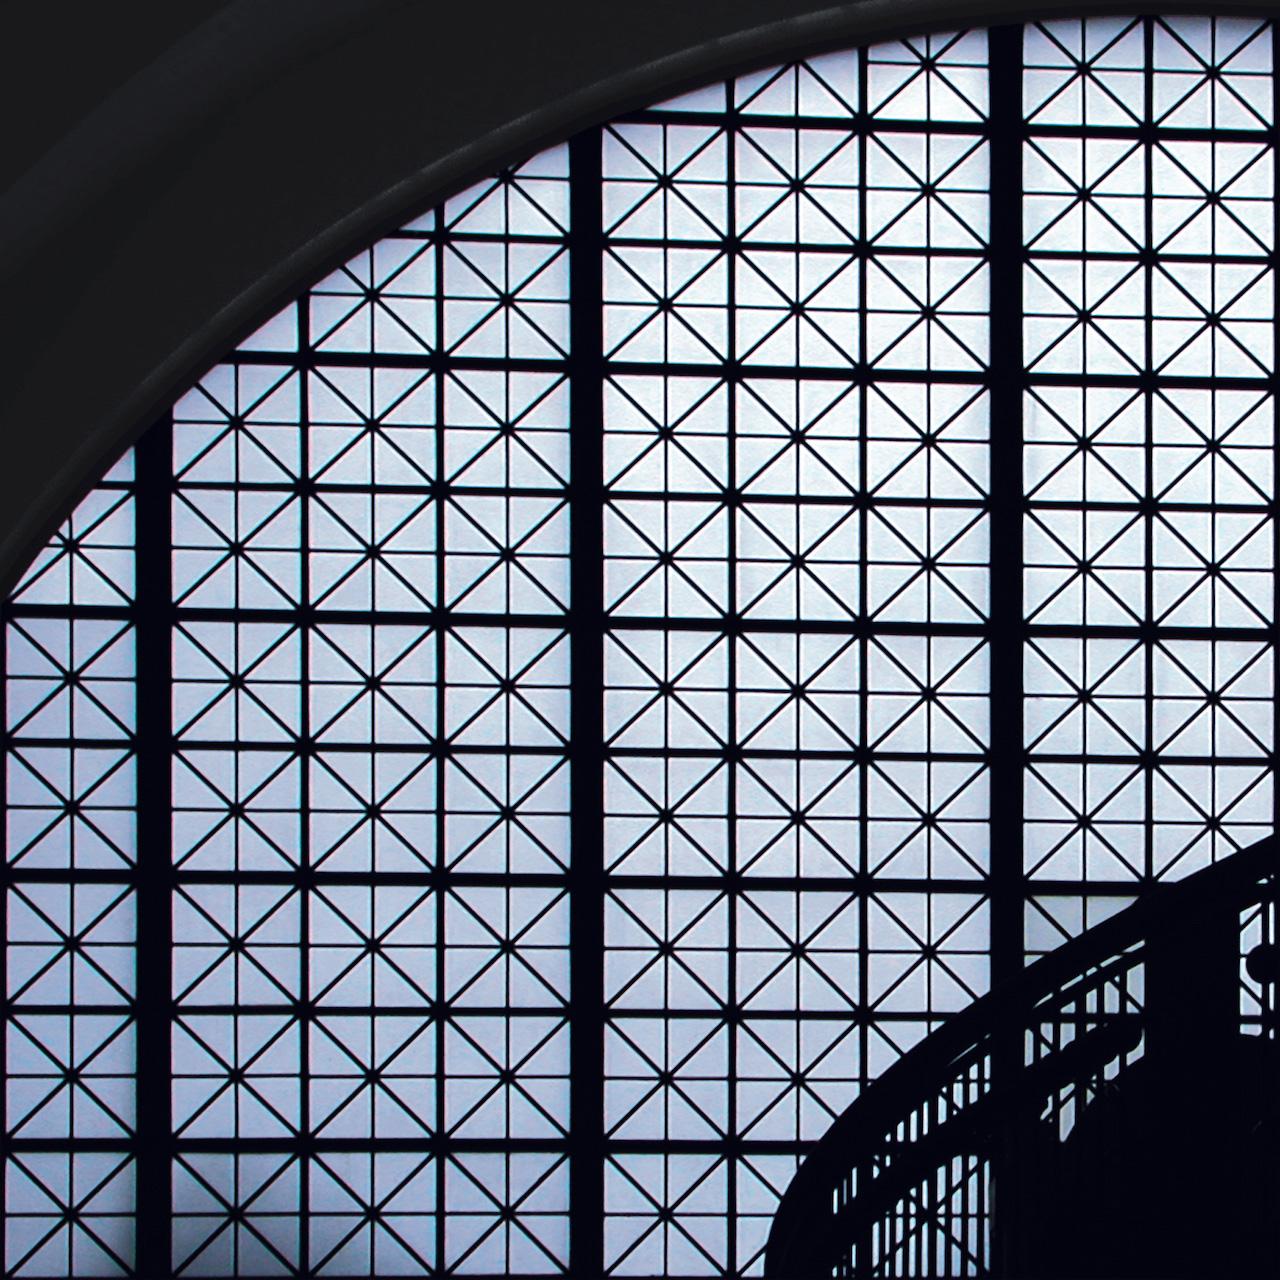 Glass: Balcony (Washington D.C.) 2004 Druckfläche 83cm x 83 cm  Gerahmt 120 h x 118 b Nummer 7/8 Limitierte Auflage von 8 Euro 3.400 gerahmt Archival Ink Print; Sommerset Fine Art Papier